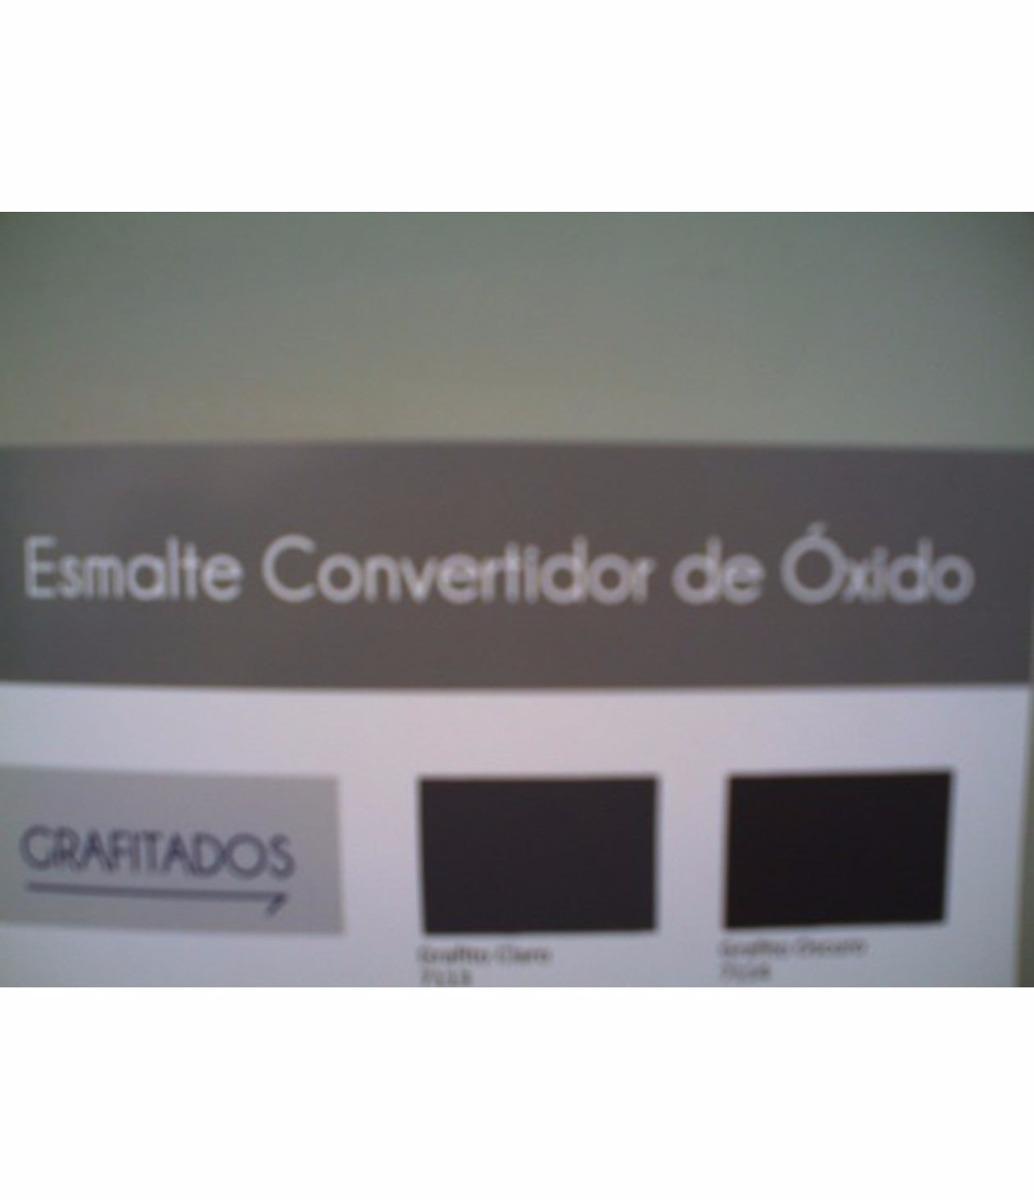 Esmalte con convertidor de xido promet 3 en 1 por 0 9 lts - Convertidor de oxido ...